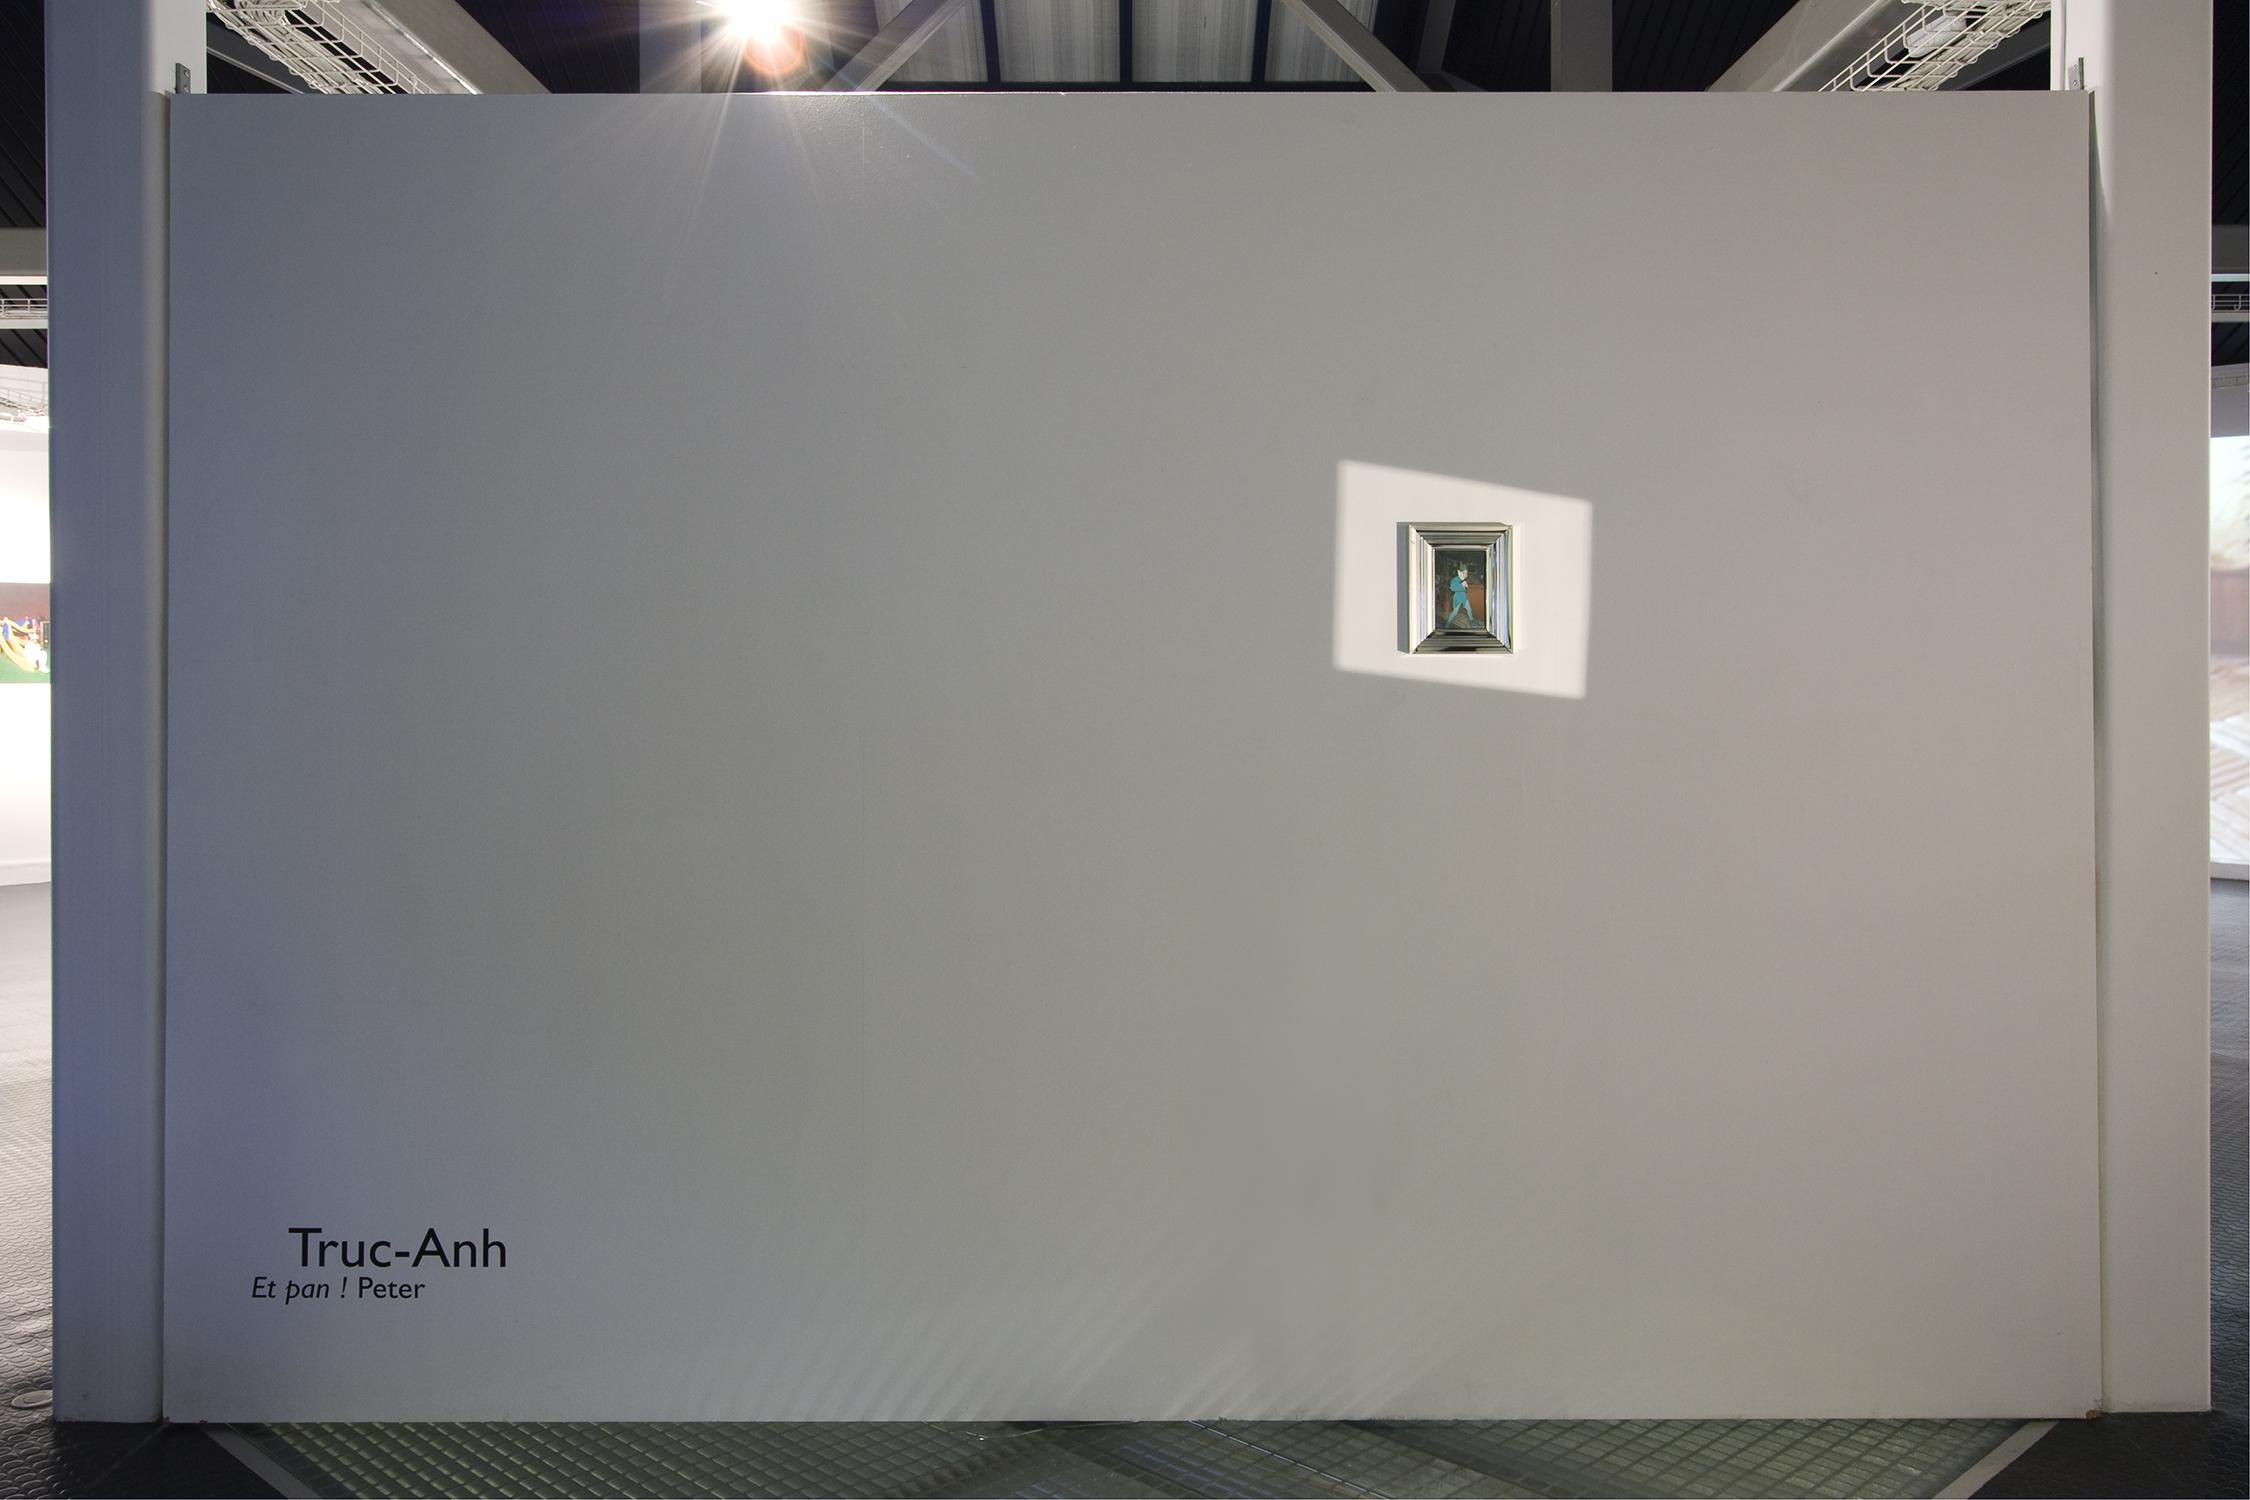 Truc-Anh_2010_Galerie-Le-Lieu_Pan-Peter_02